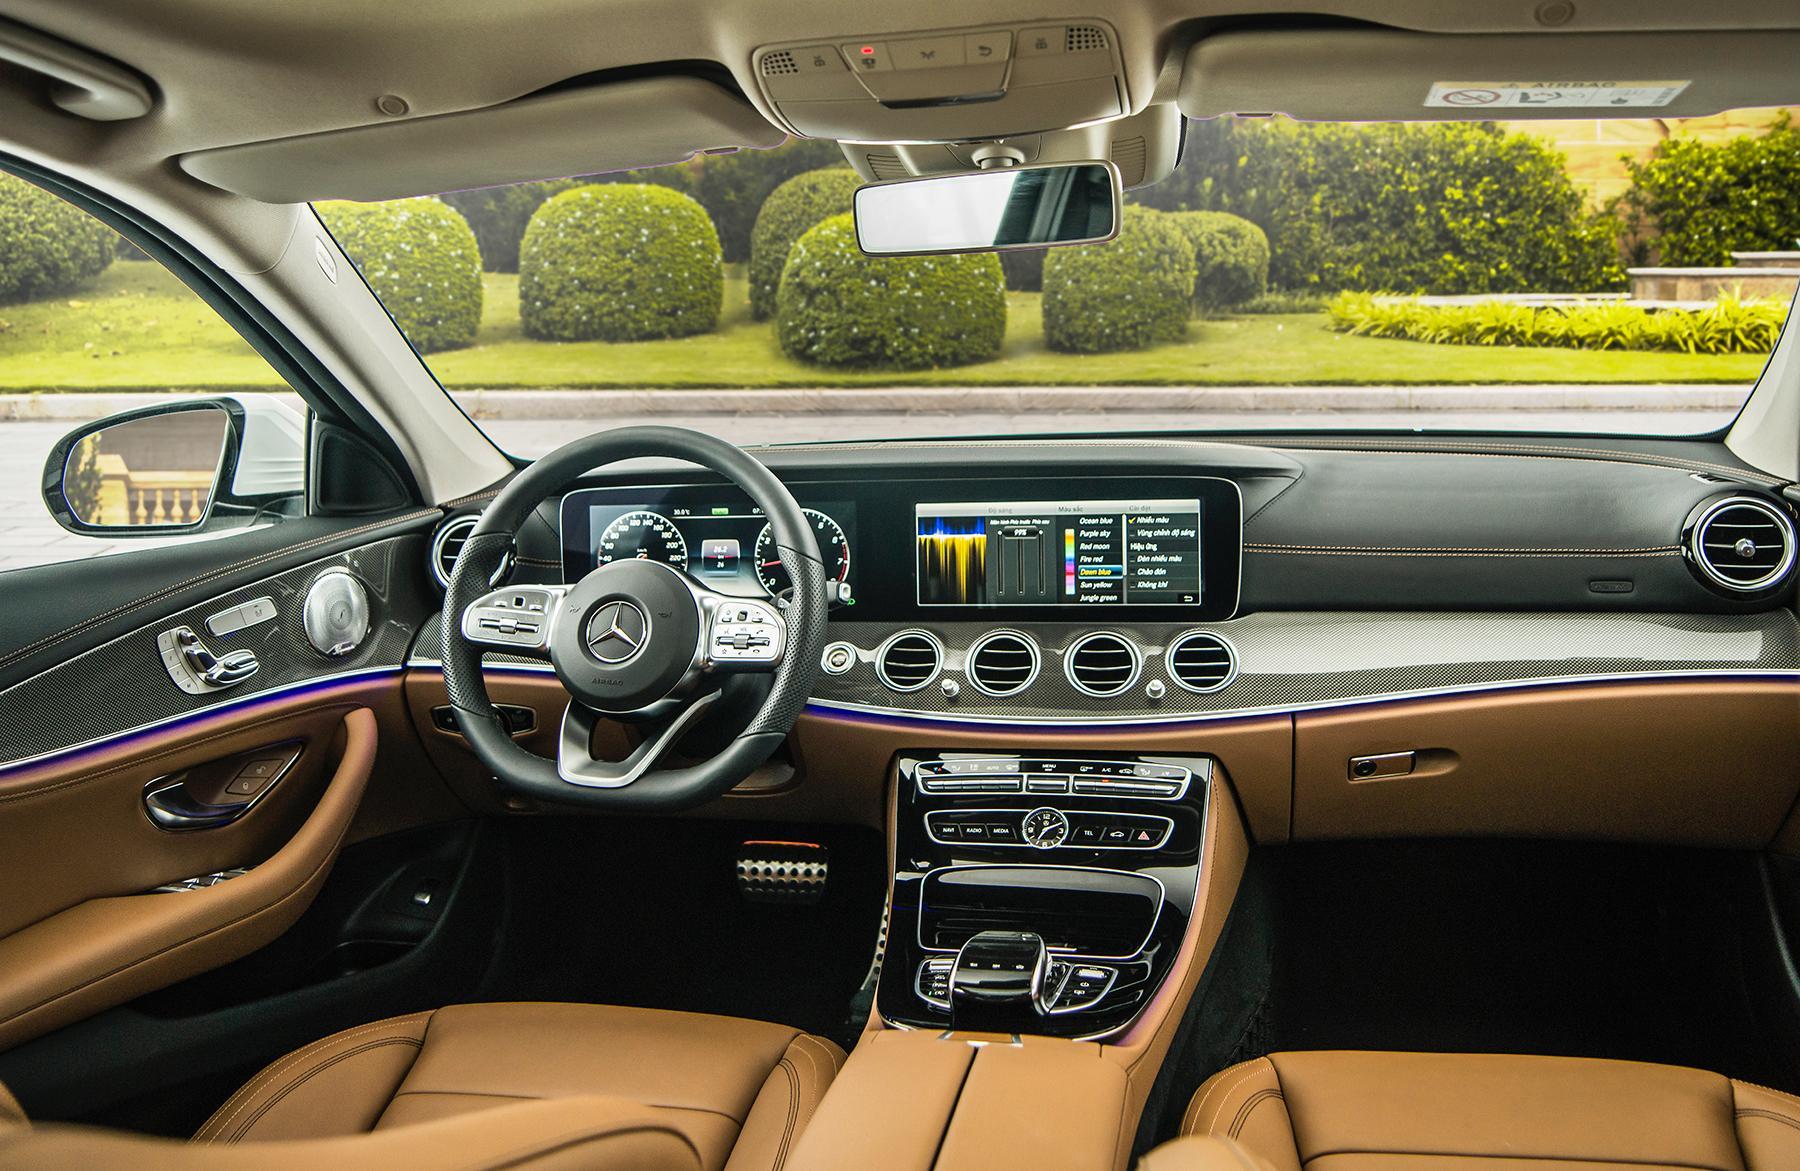 Mercedes-Benz E 350 AMG - phiên bản mạnh nhất dòng E-Class có giá 2,89 tỉ đồng - 26